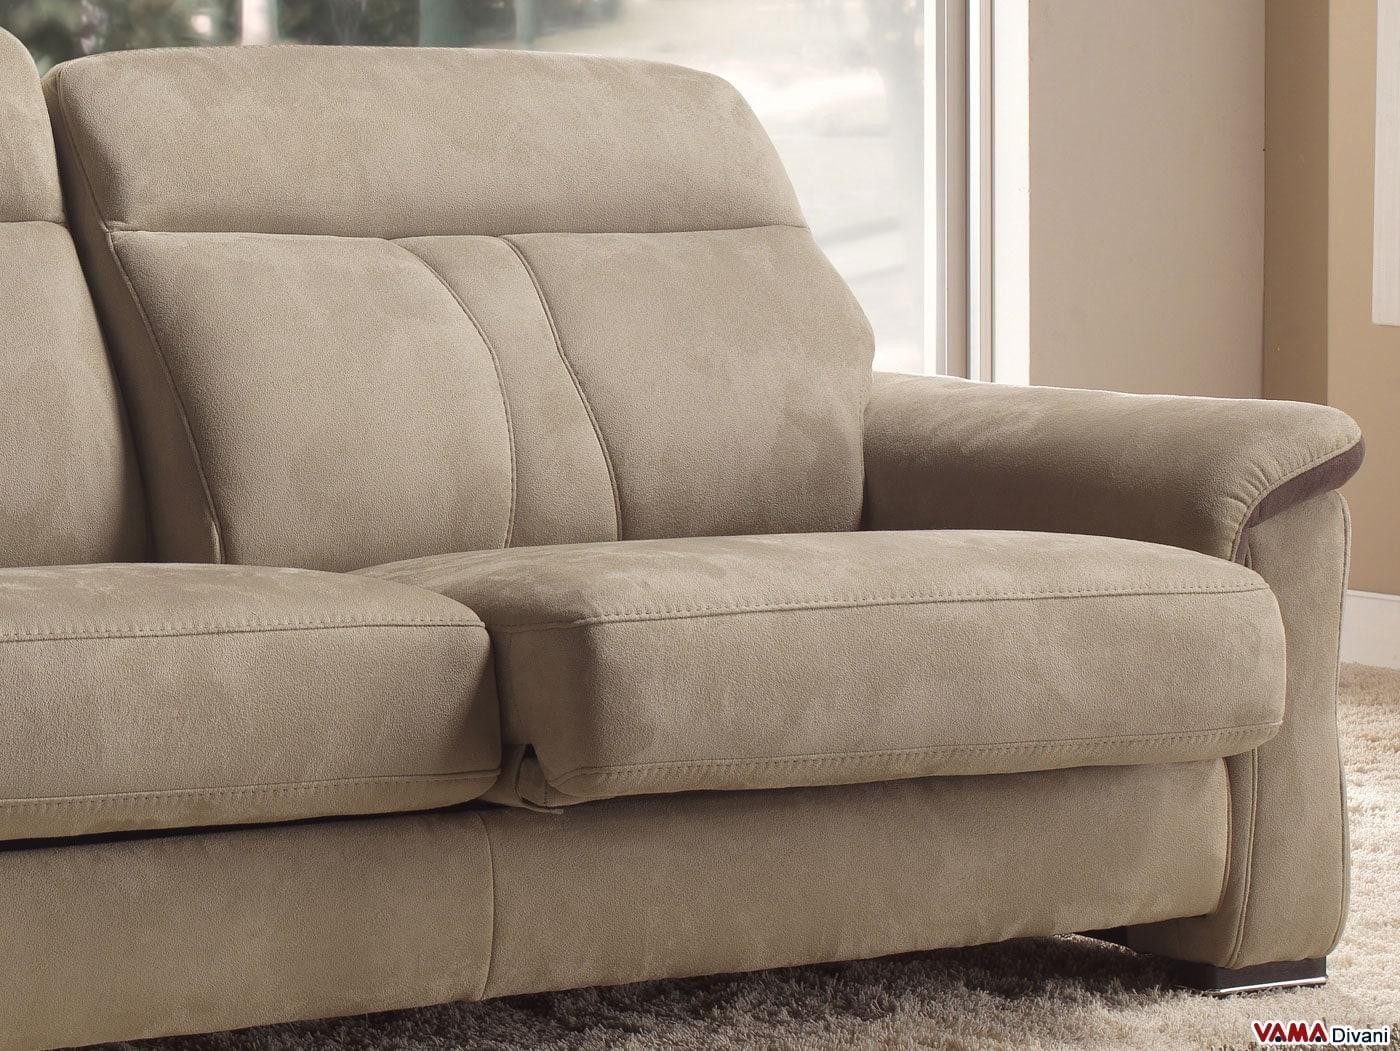 Divano moderno in tessuto e pelle con sedute allungabili - Divano seduta scorrevole ...